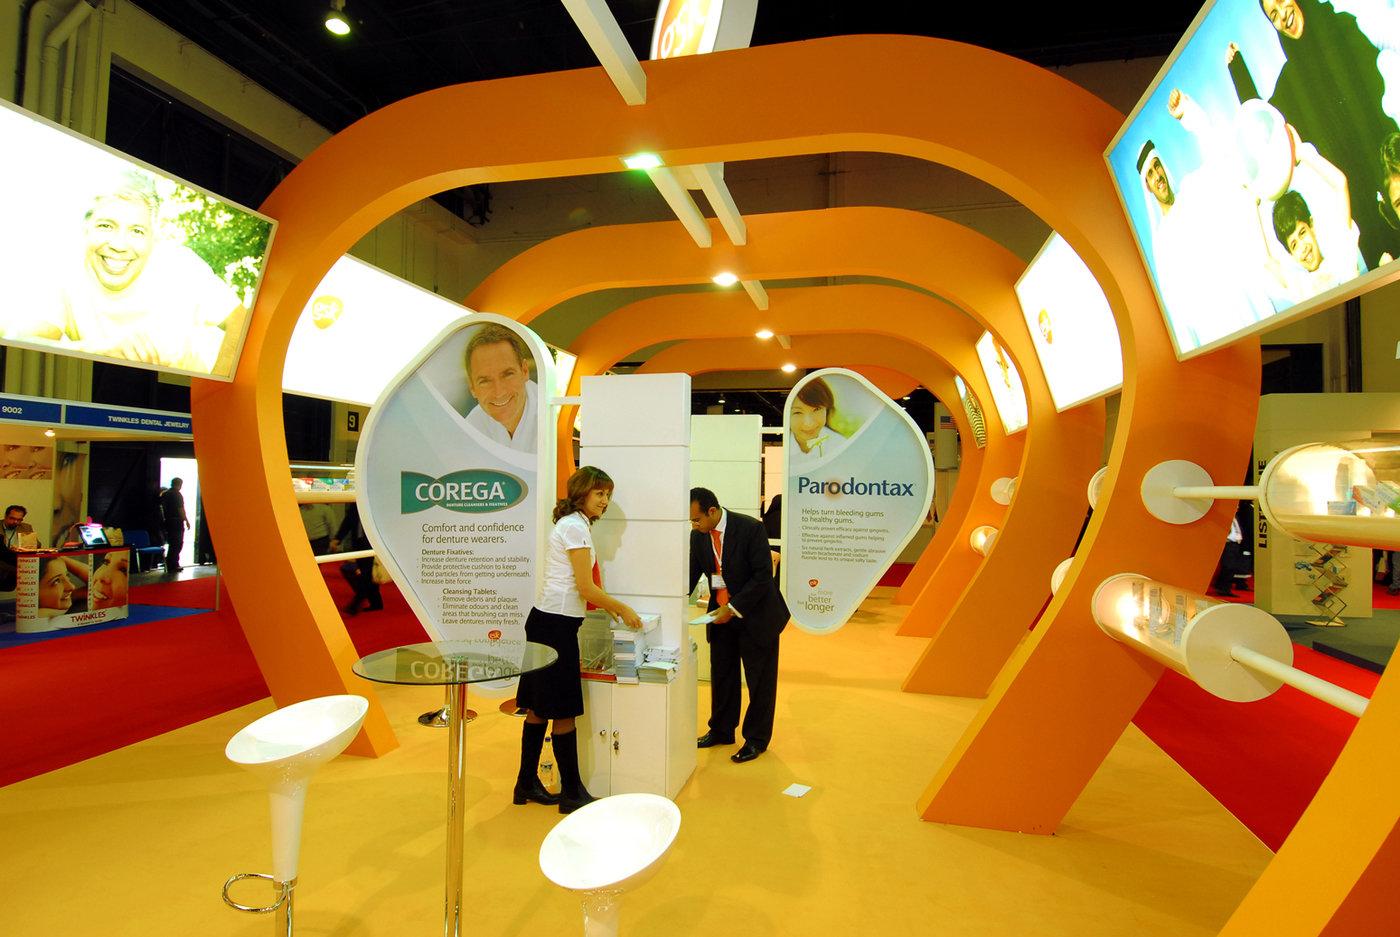 D Exhibition Stand Designer Jobs In Dubai : Exhibition stands by bigdot exhibition design at coroflot.com